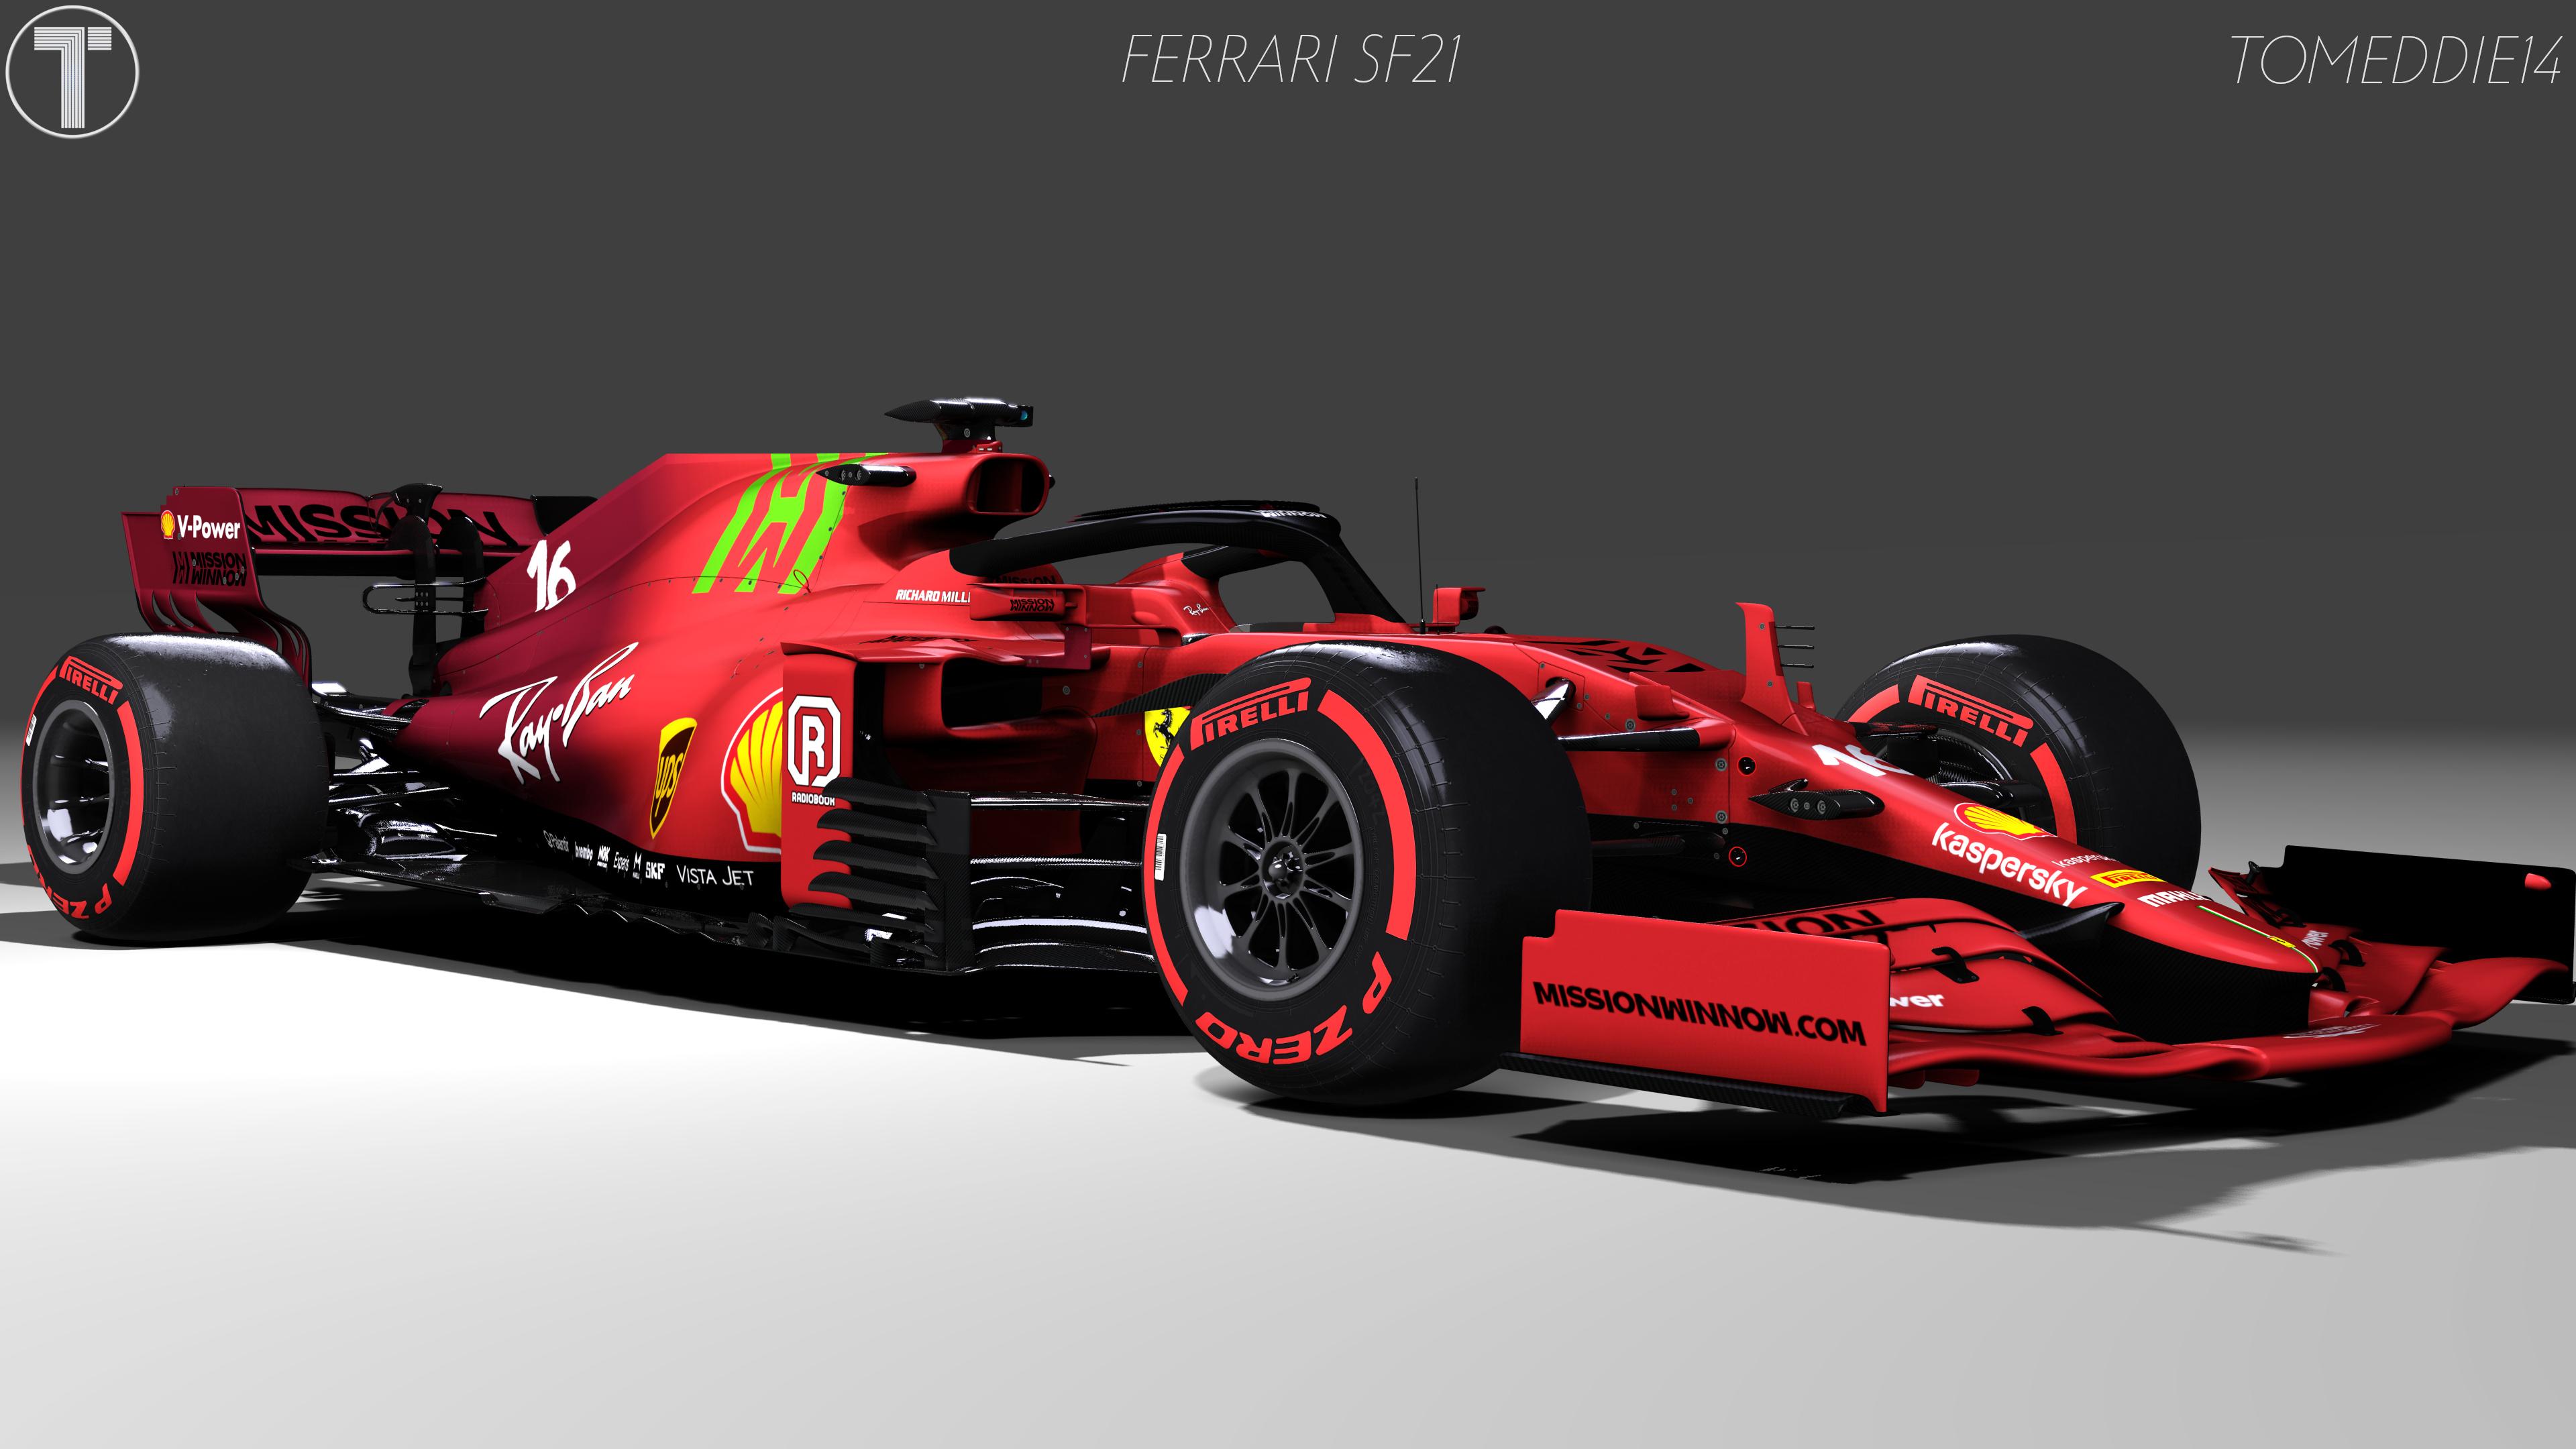 Ferrari SF21_16.4.jpg